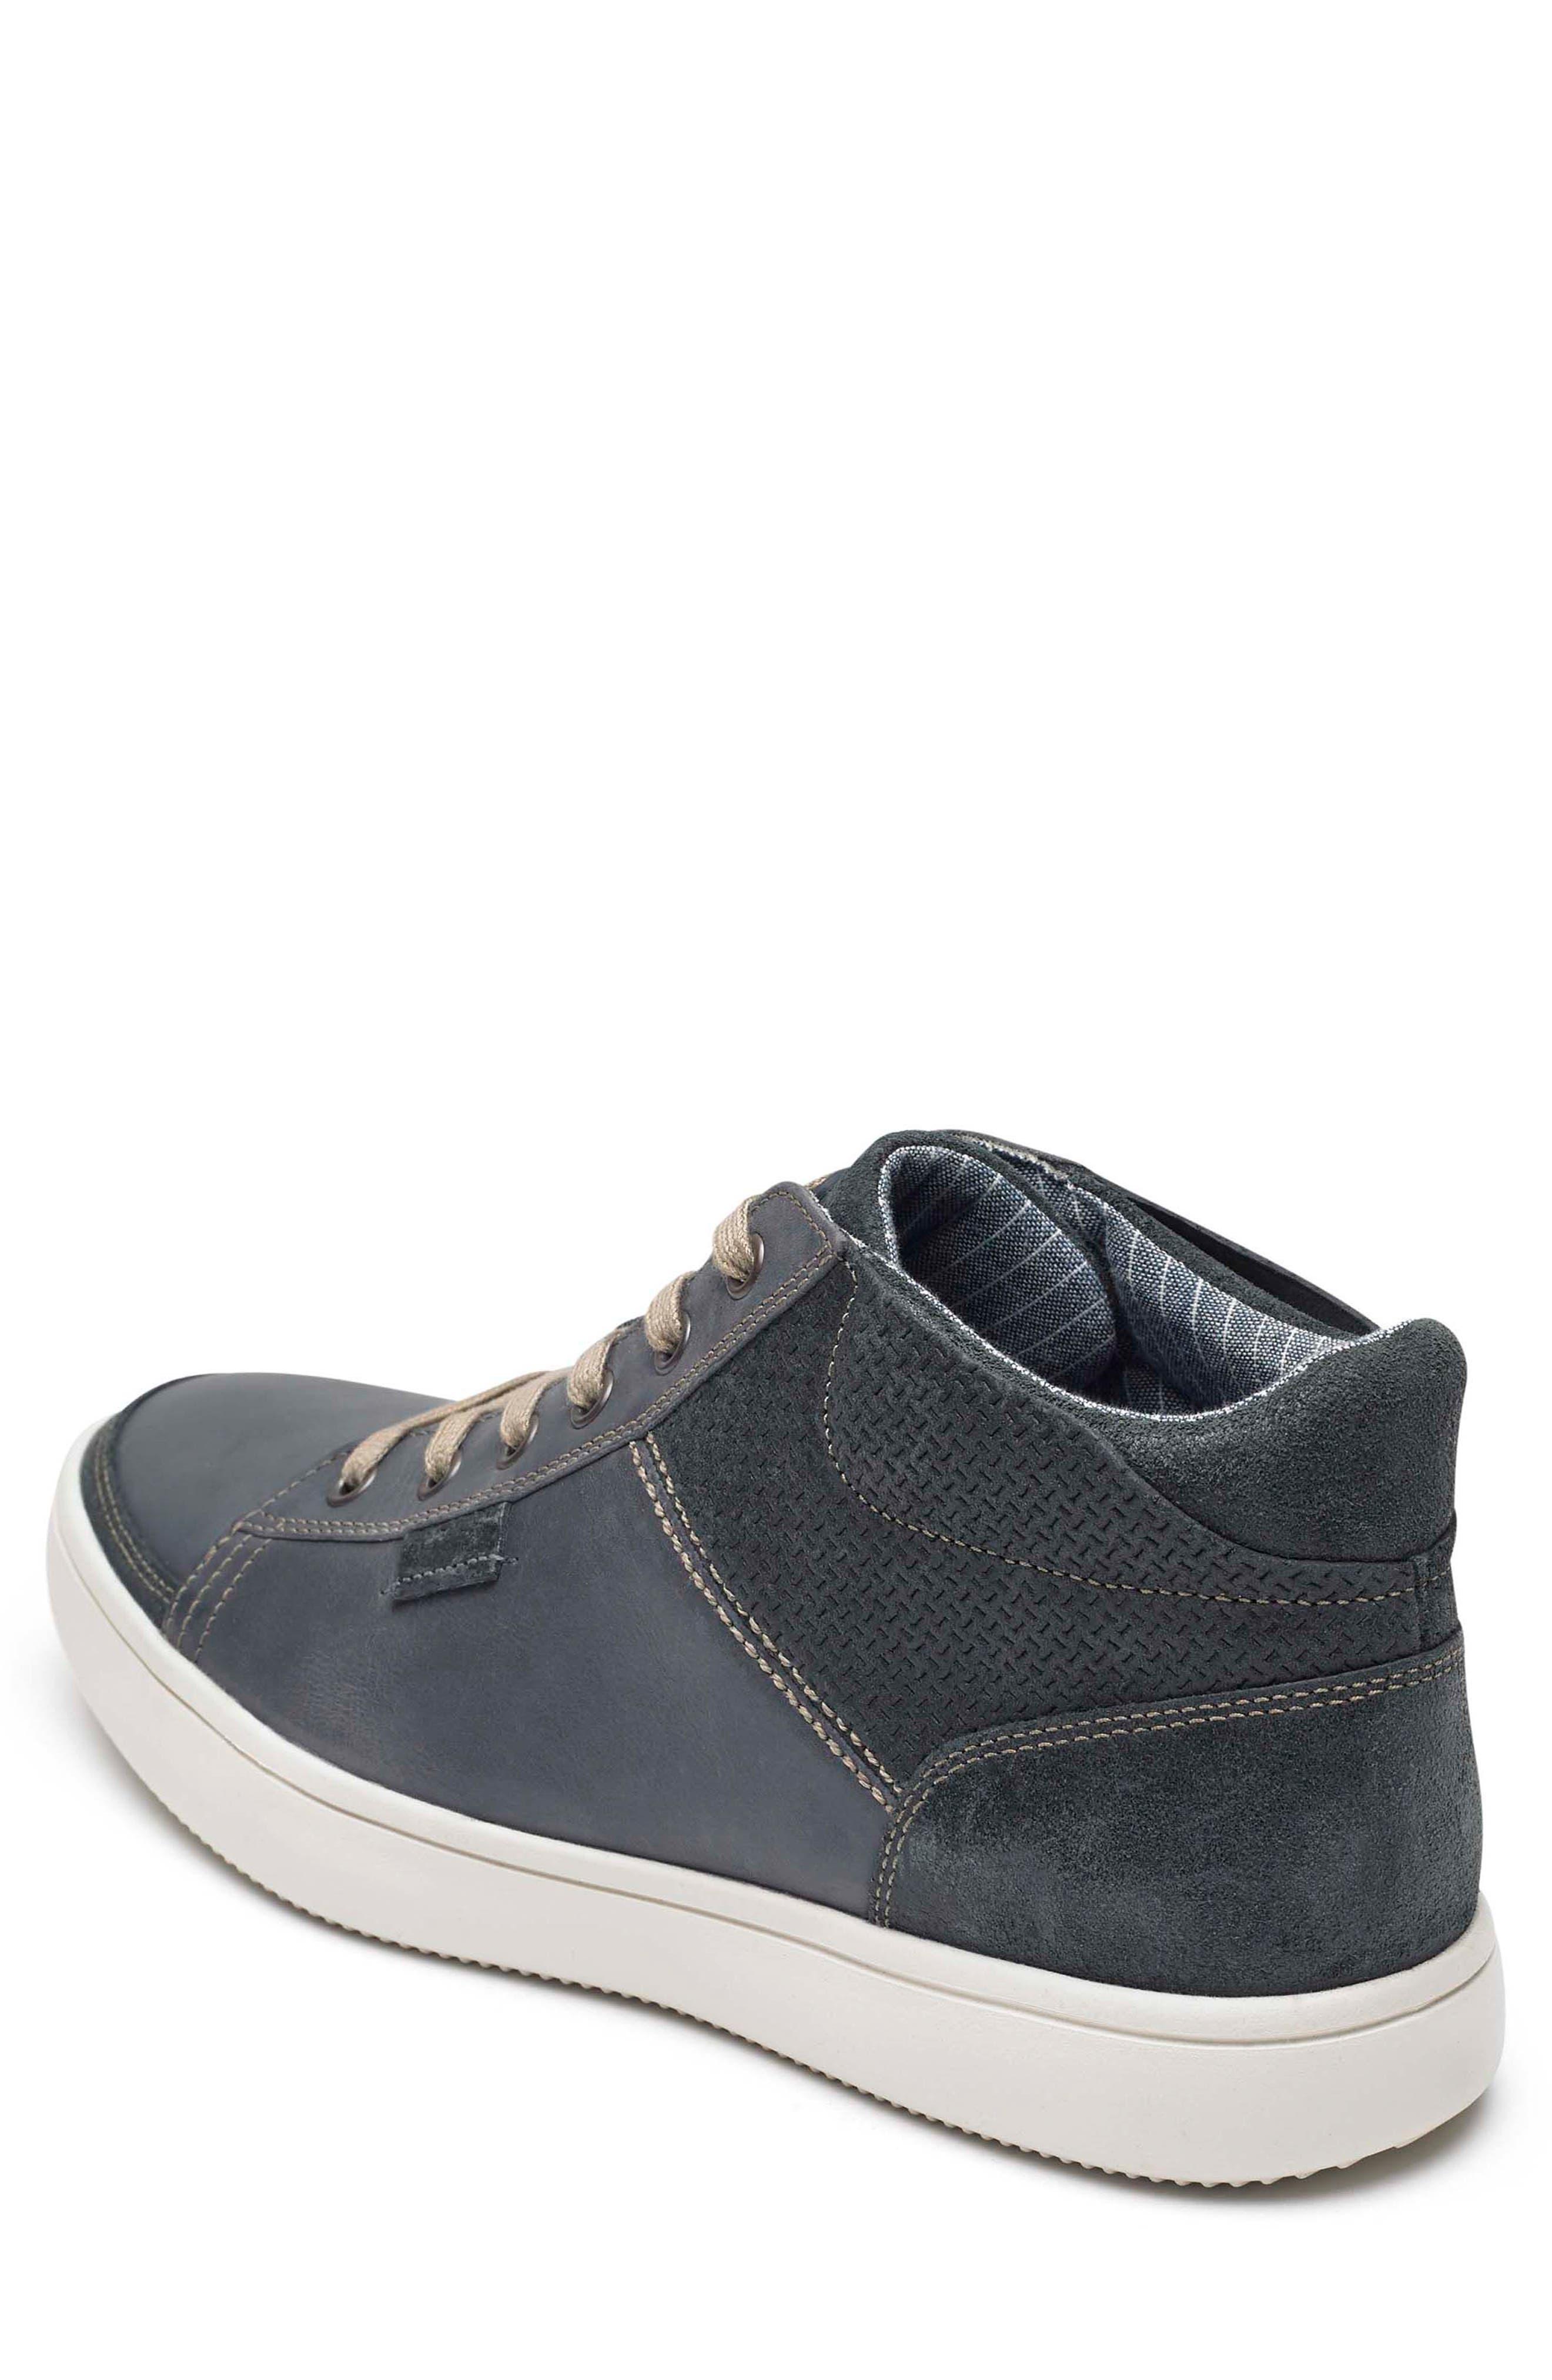 Alternate Image 2  - Rockport Colle Sneaker (Men)